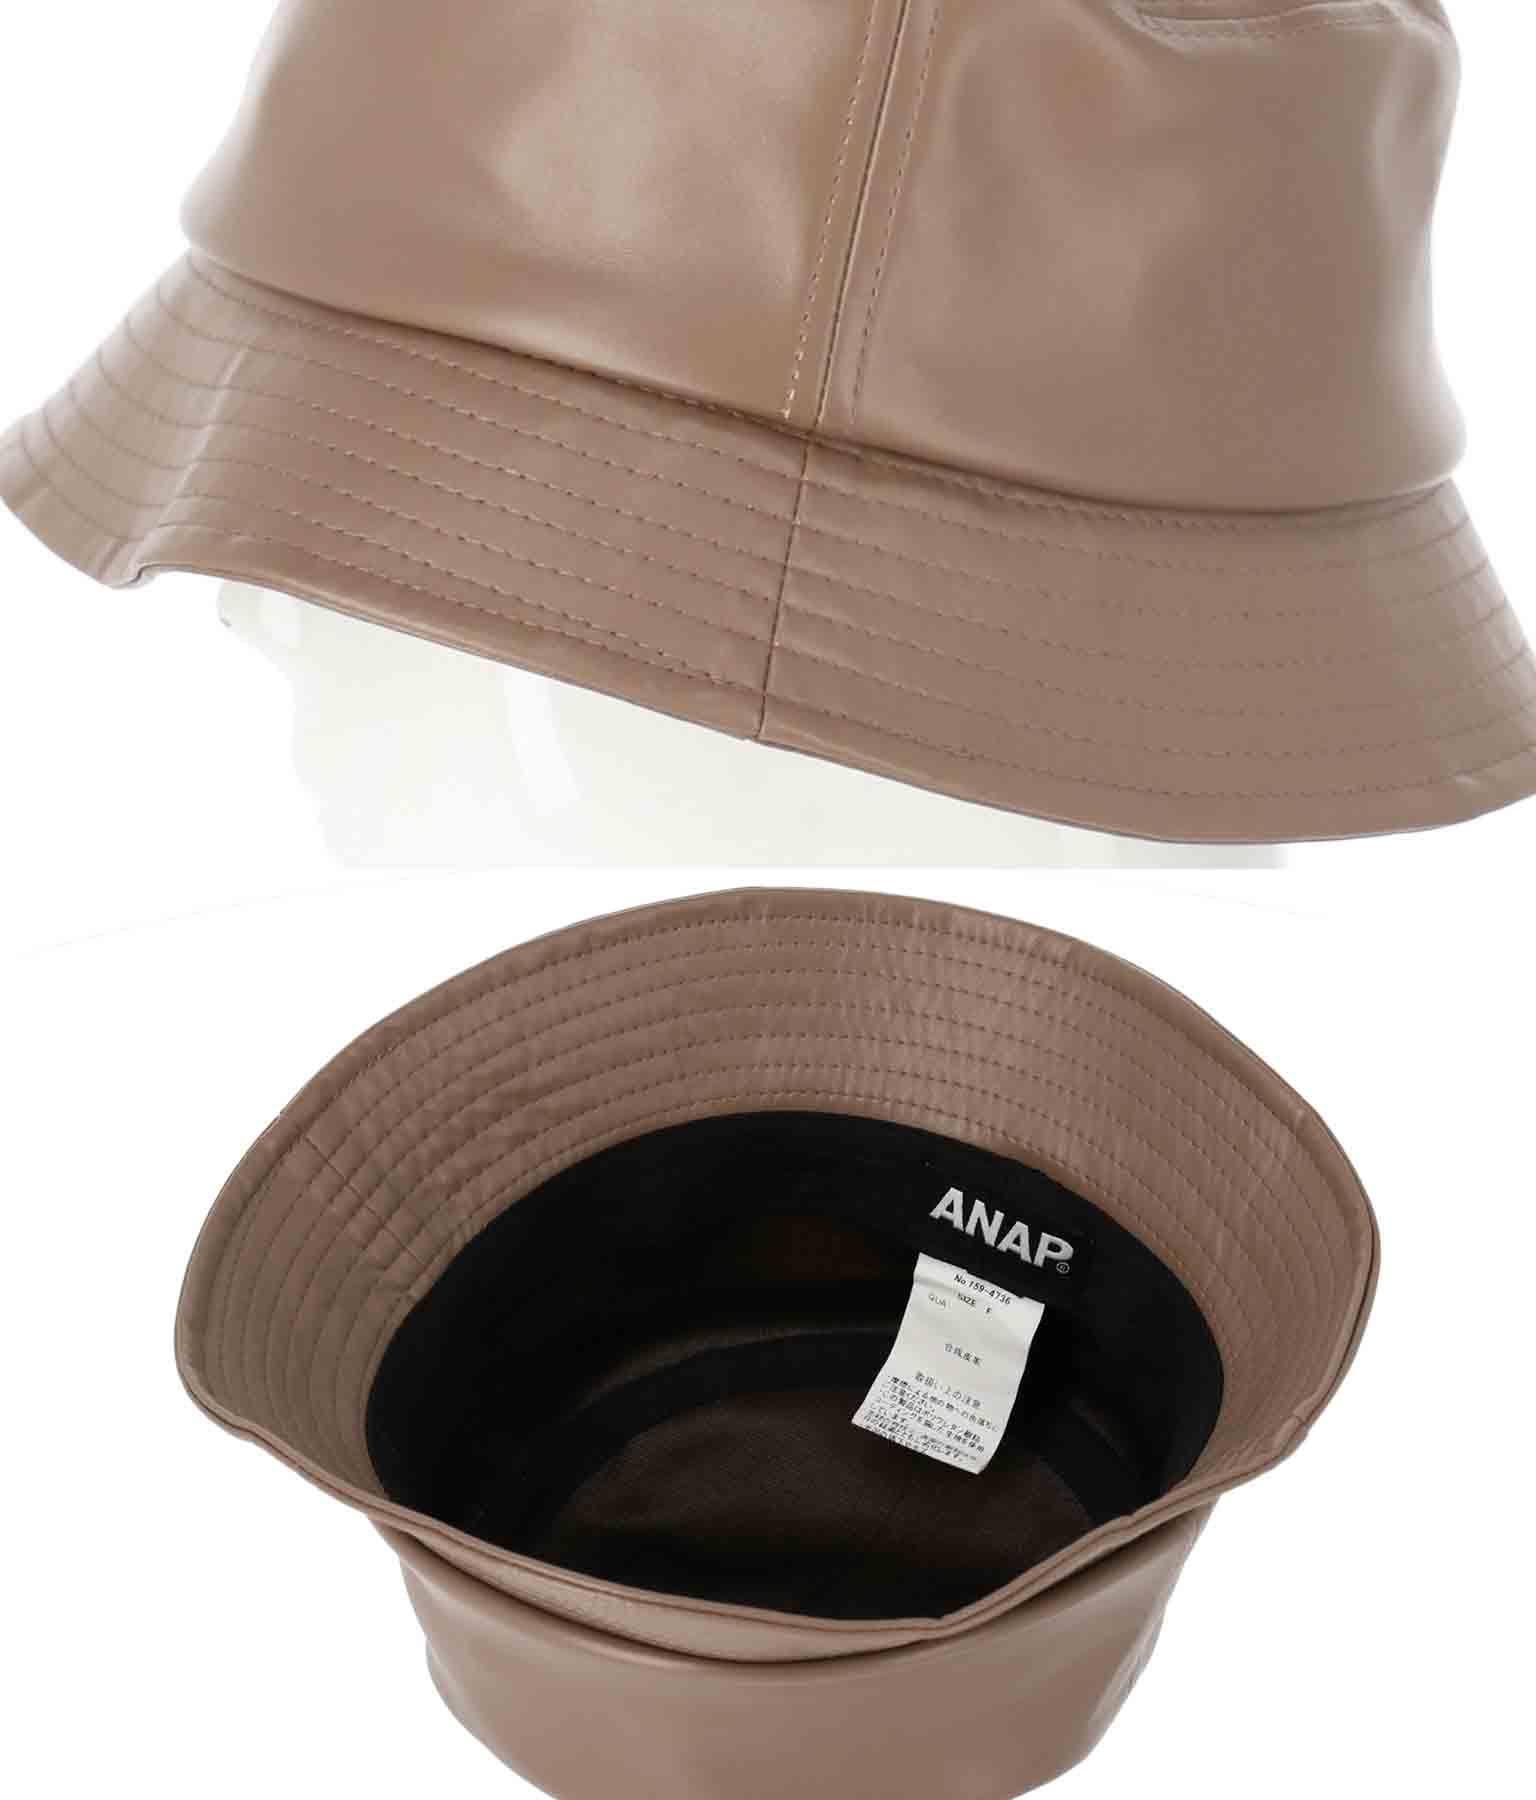 フェイクレザーバケットハット(ファッション雑貨/ハット・キャップ・ニット帽 ・キャスケット・ベレー帽)   ANAP